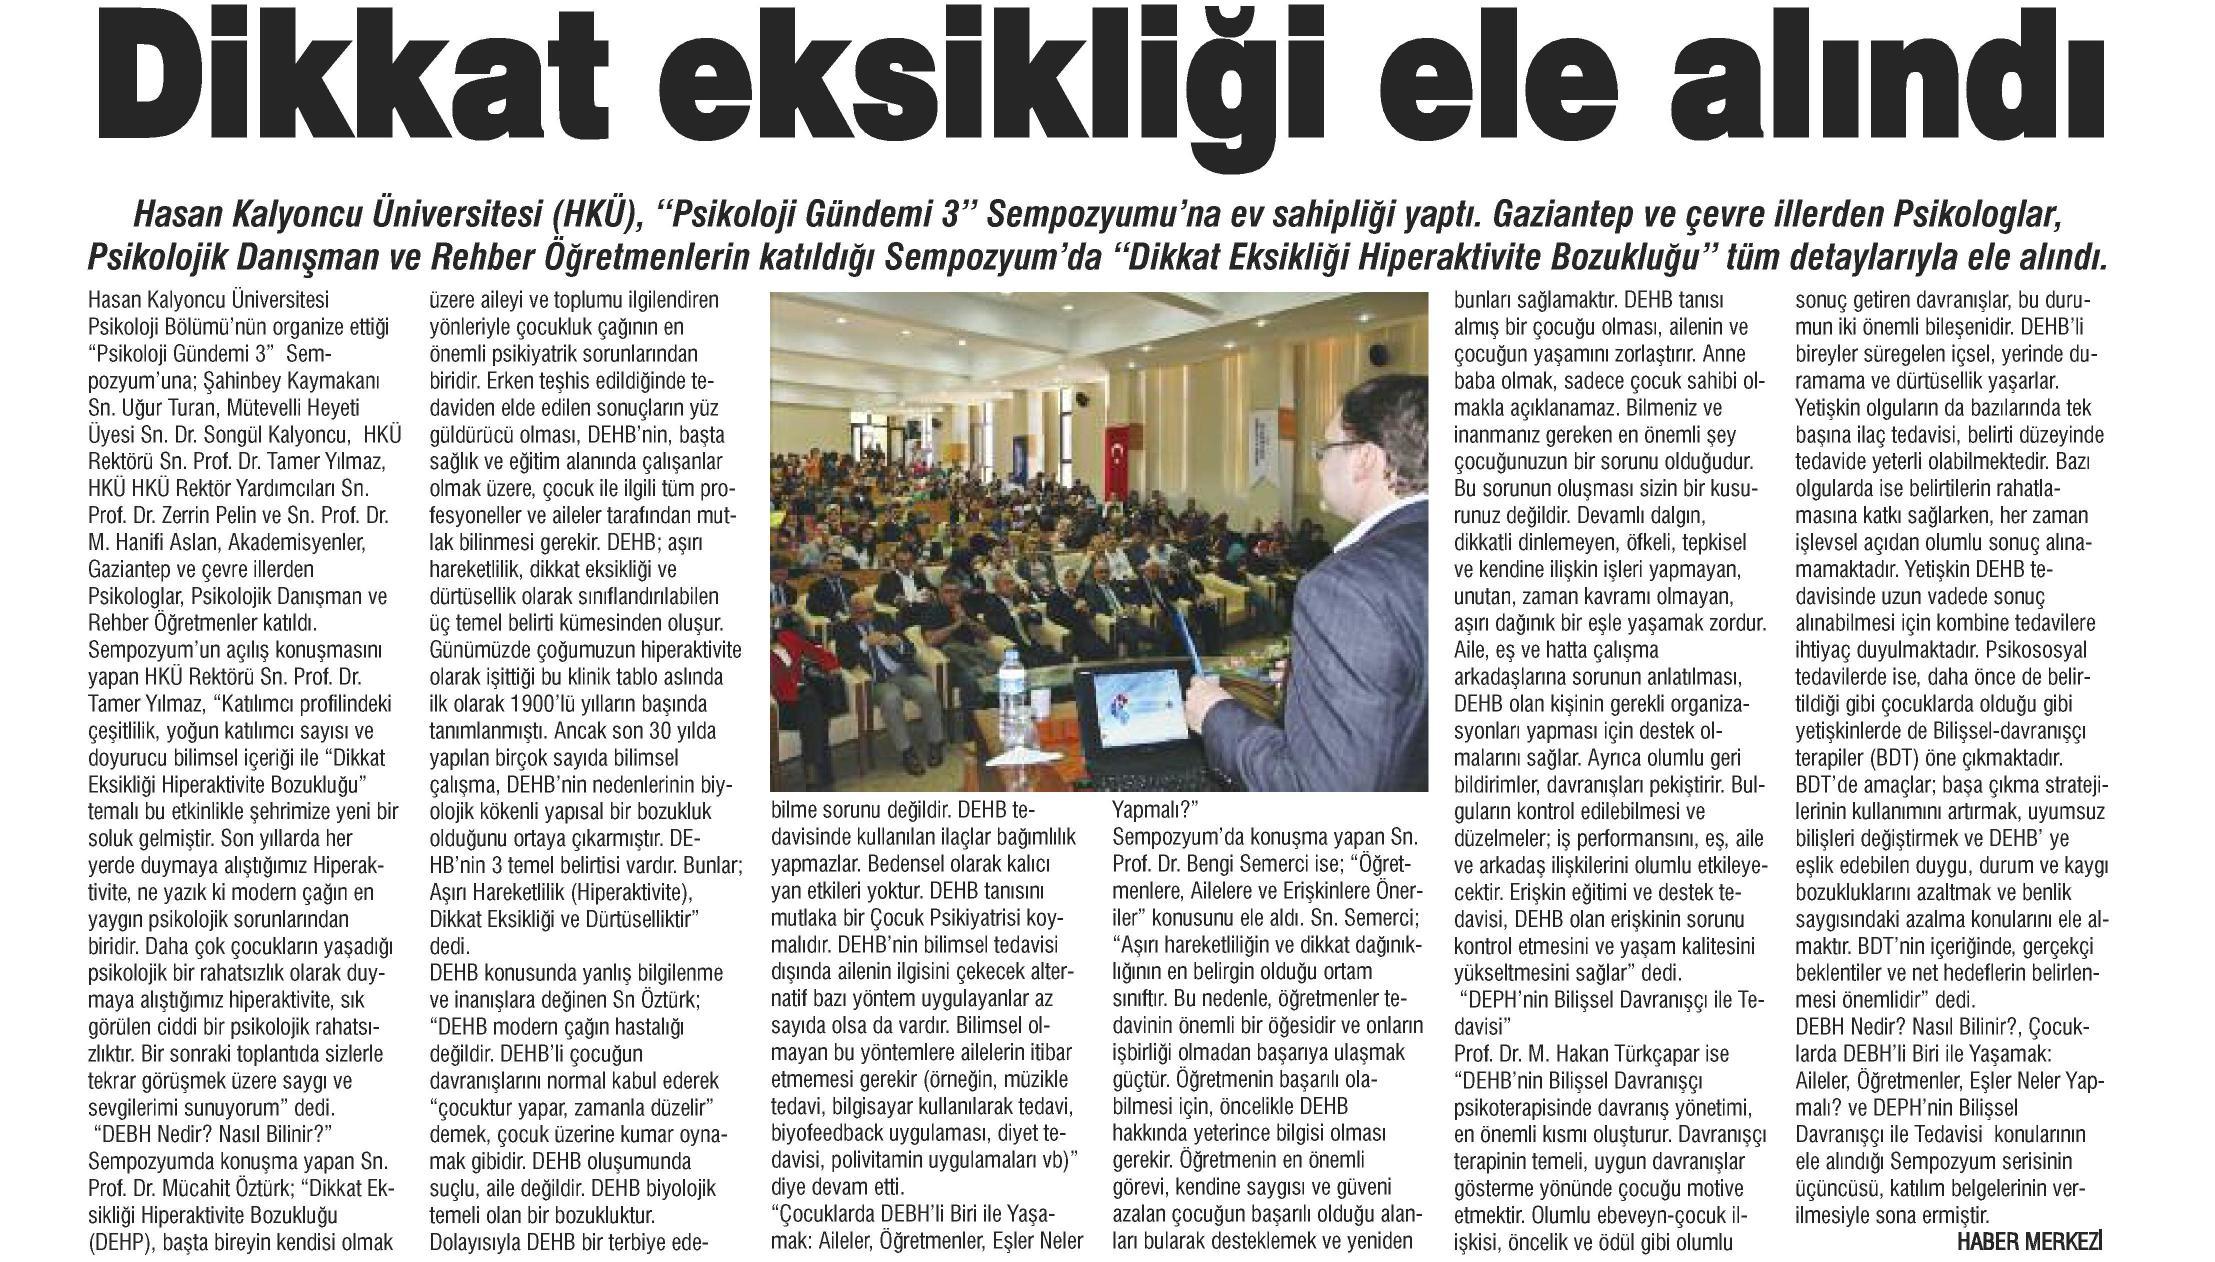 Dikkat eksikliği ele alındı - GAZİANTEP HAKİMİYET 28.03.2014